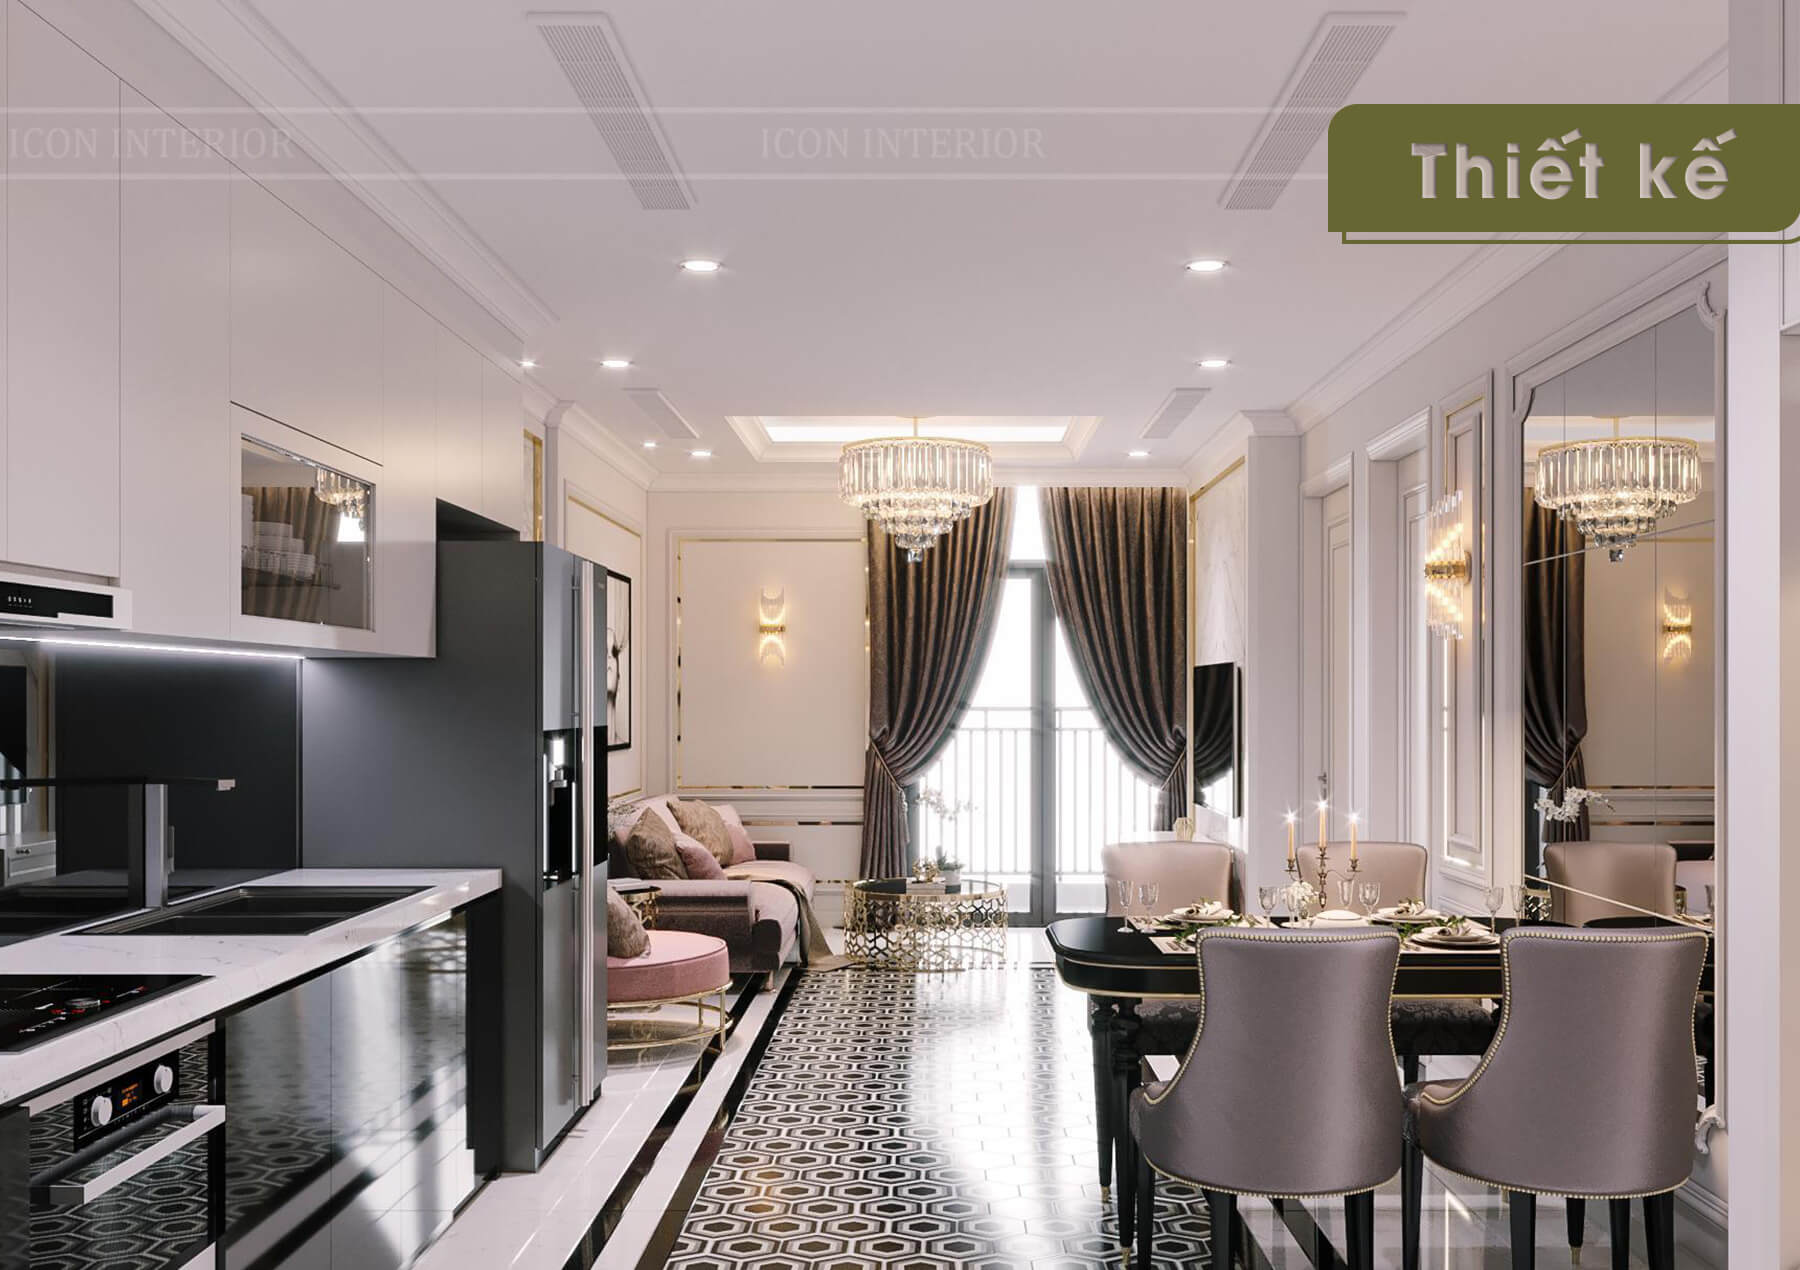 Thiết kế nội thất 3D Landmark 4 - phòng khách